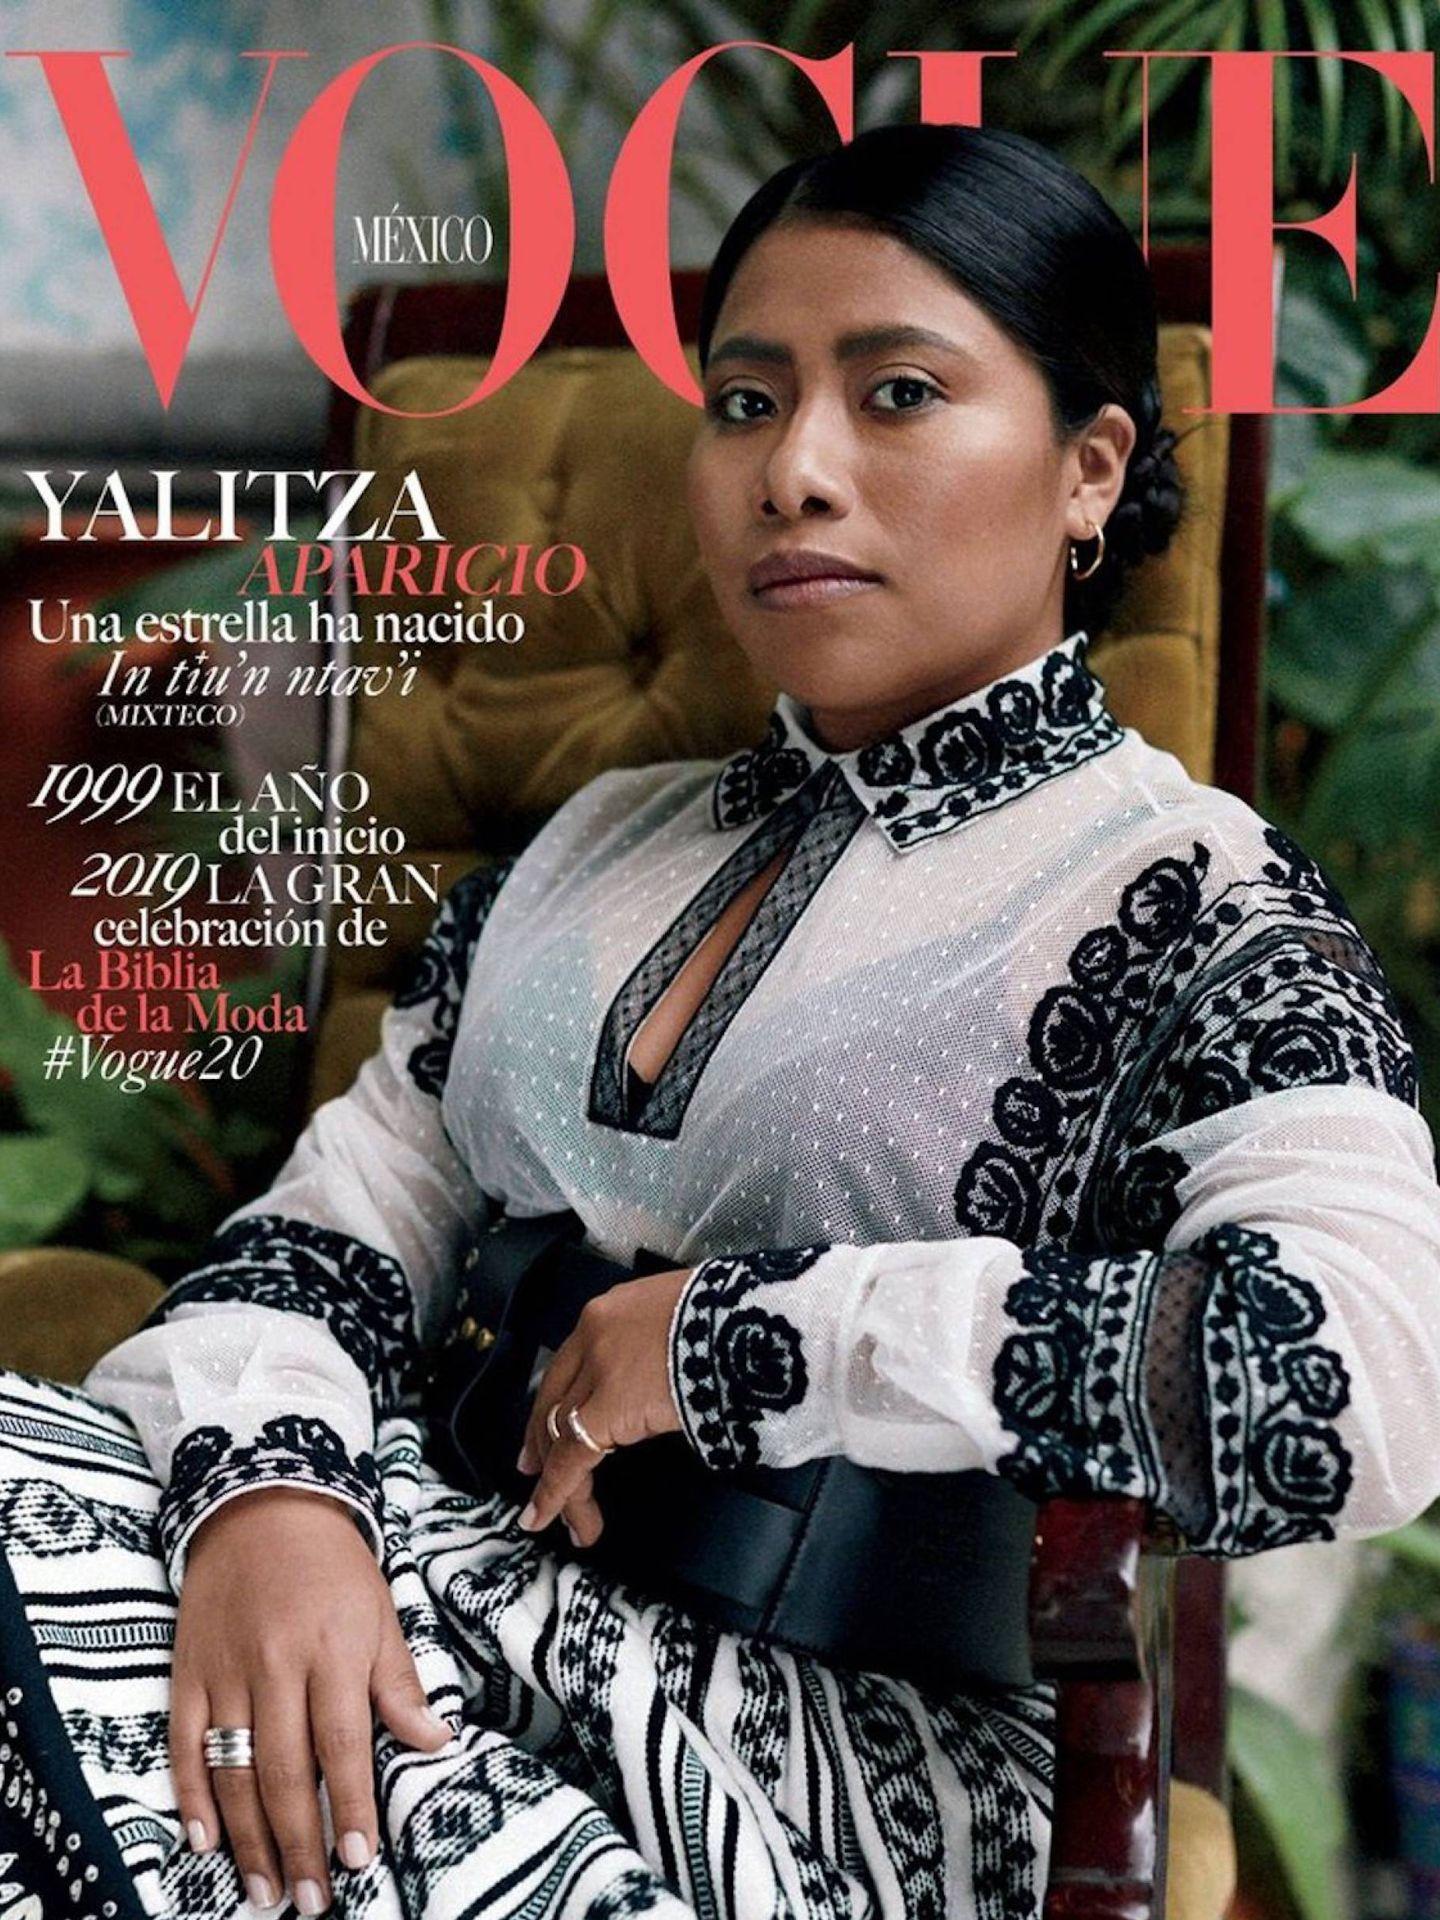 Portada de 'Vogue México' con Yalitza Aparicio.